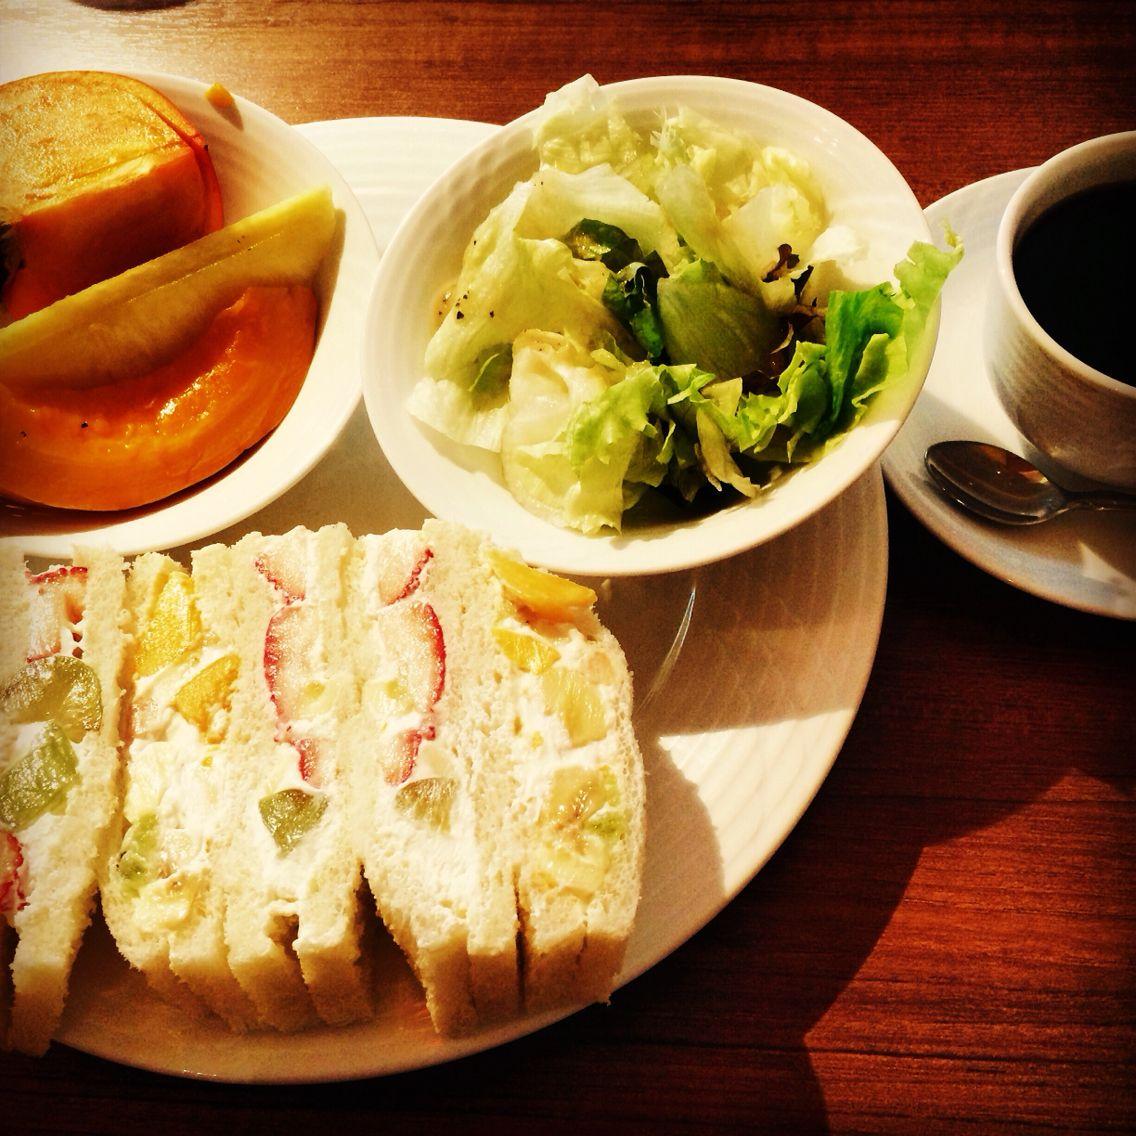 Today's special breakfast is Fruit sandwich.